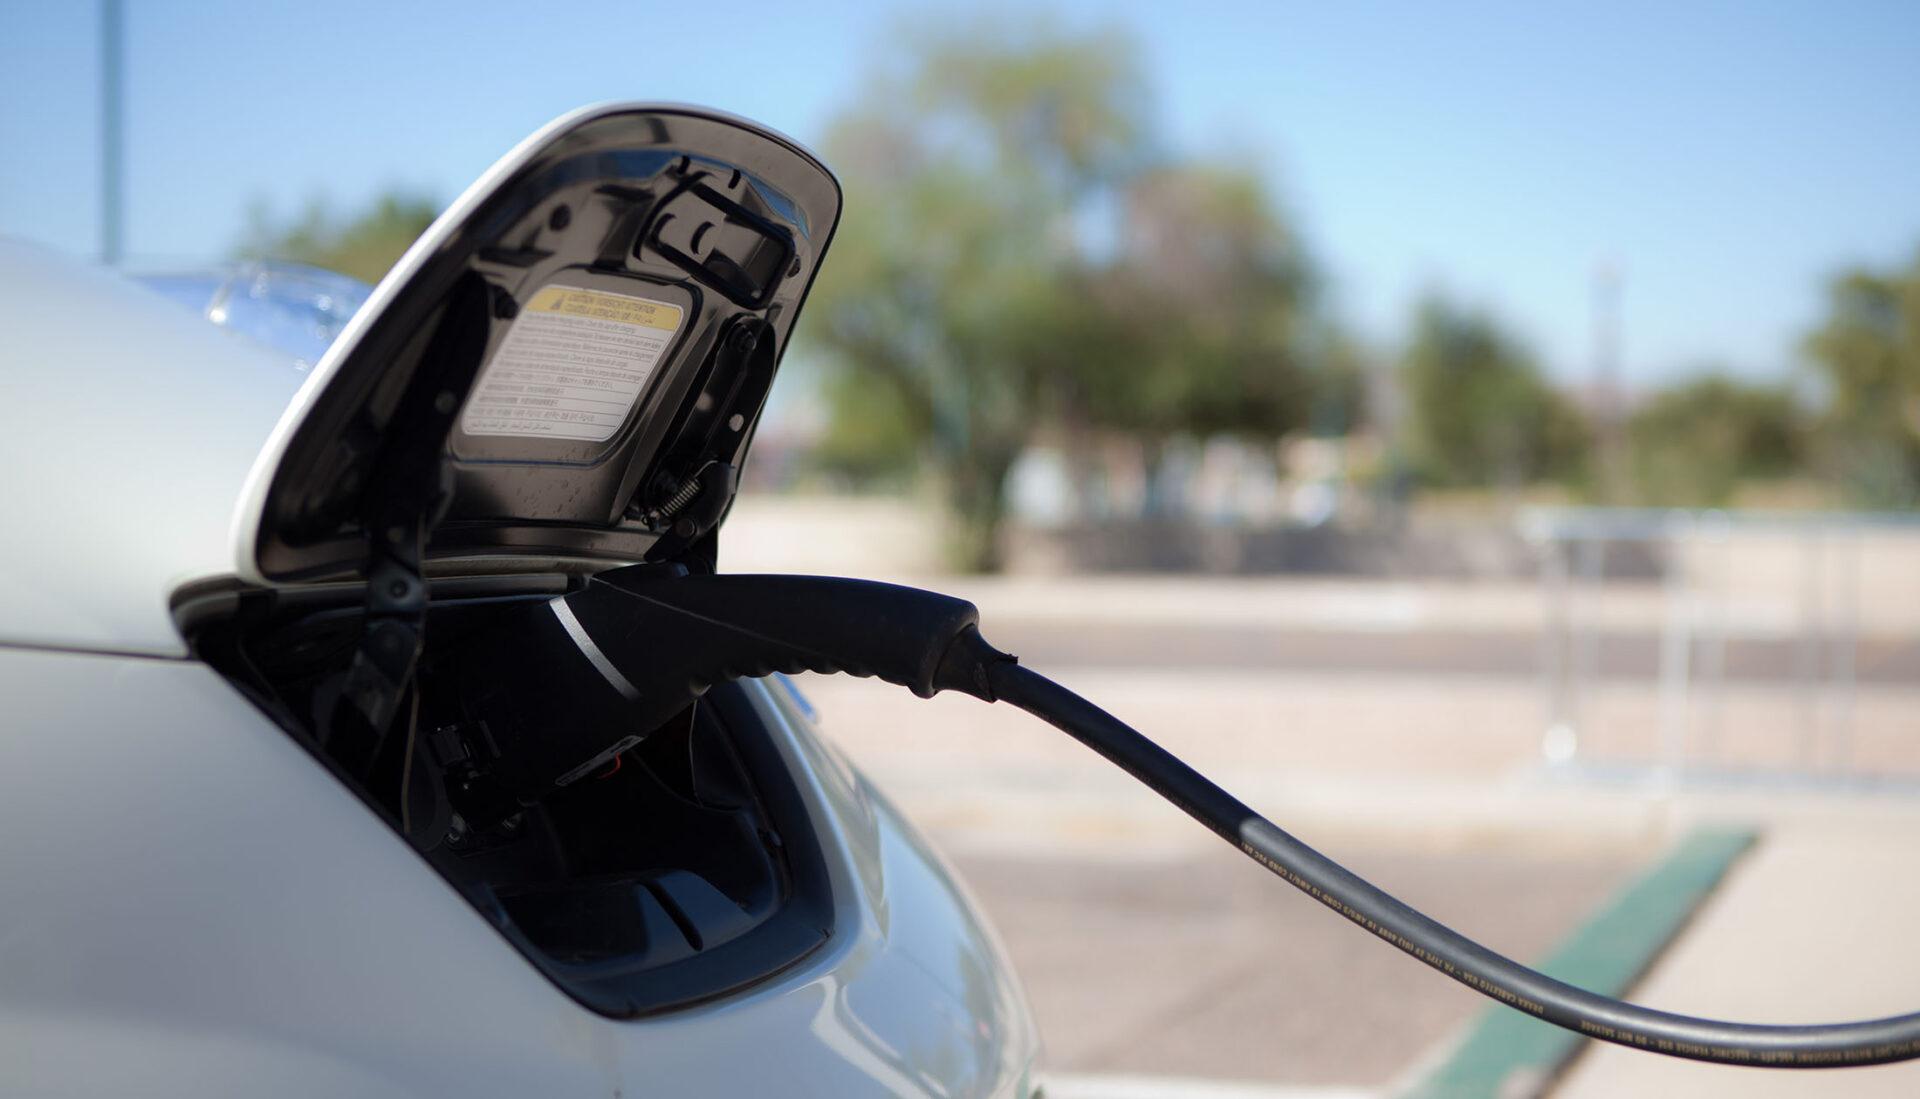 Home Laadpalen Kopen En Installeren Voor Uw Elektrische Auto